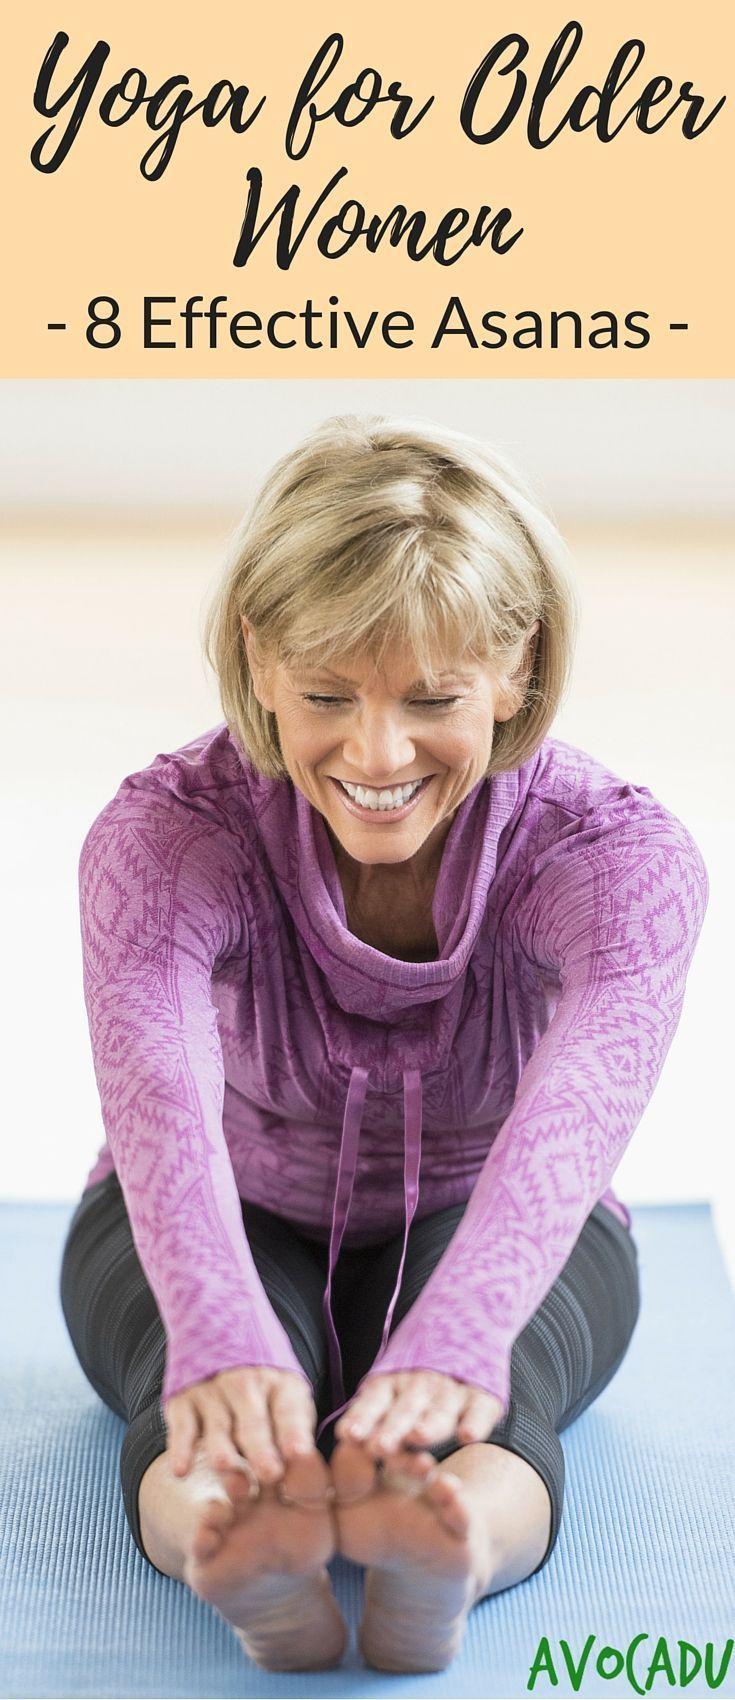 Yoga Poses for Older Women   Yoga for Older Women   Yoga for Beginners   avocadu...